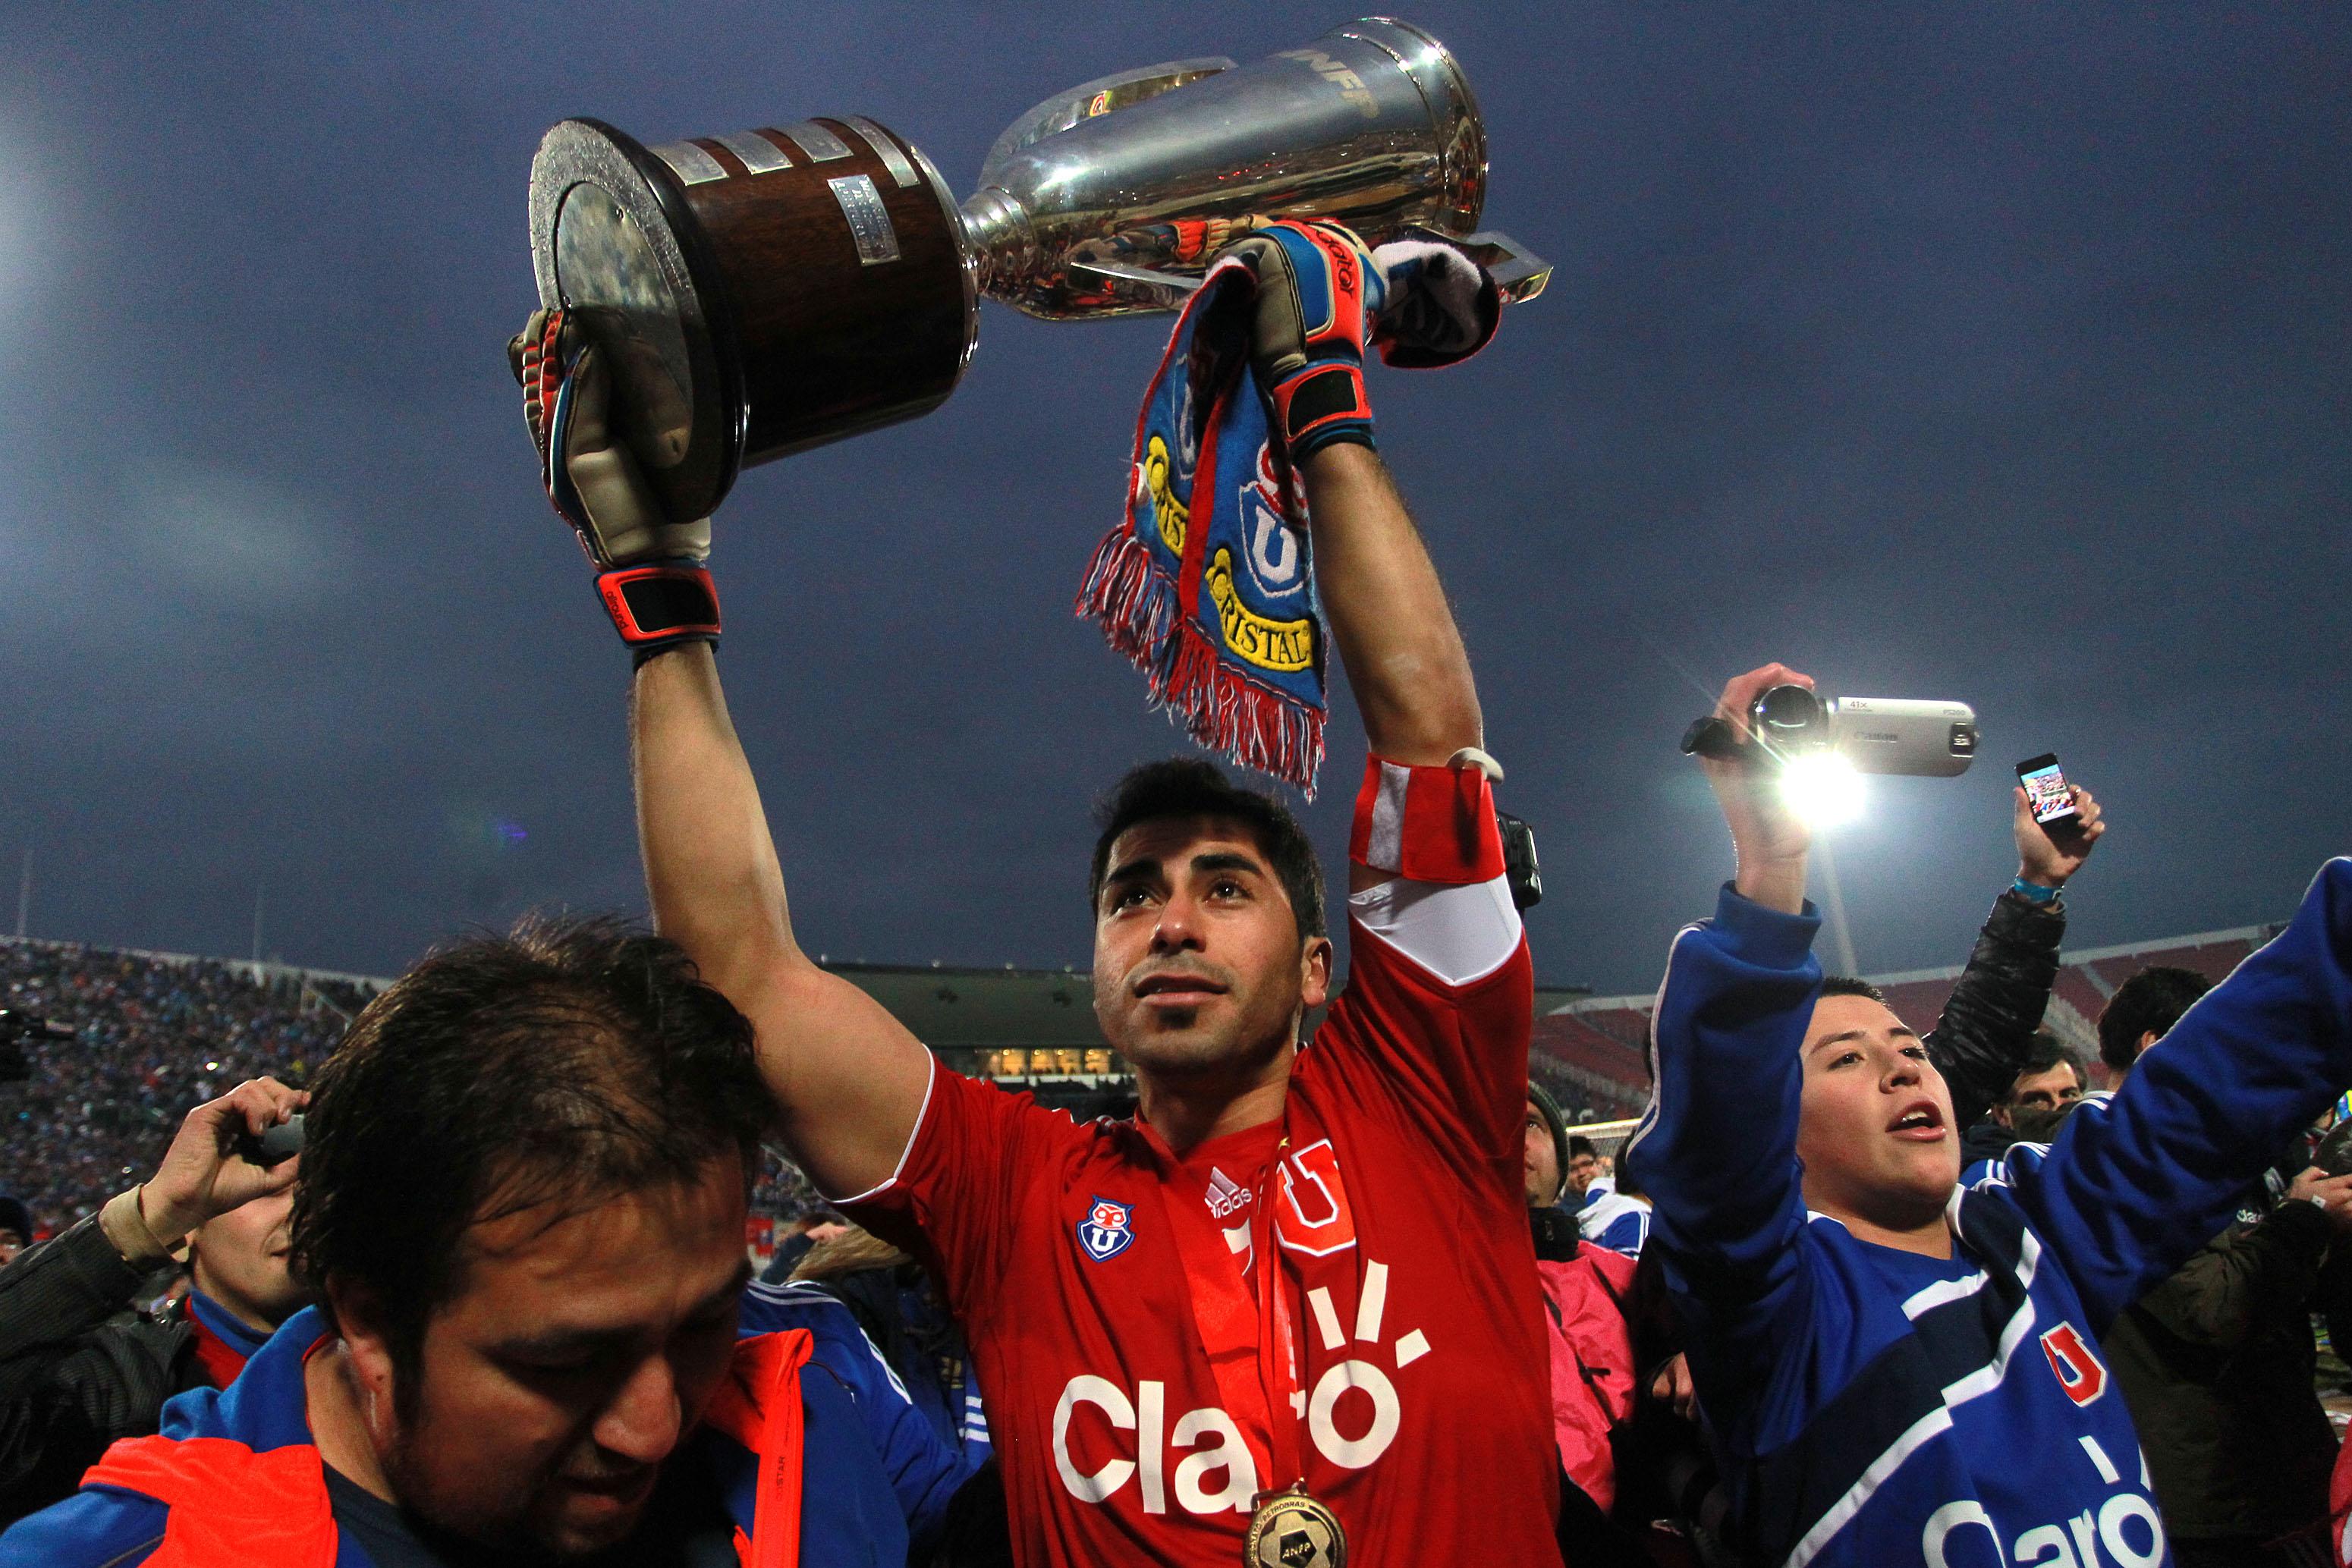 Johnny Herrera anuncia la decisión más importante de su carrera para esta semana | Retiro | U de Chile | RedGol